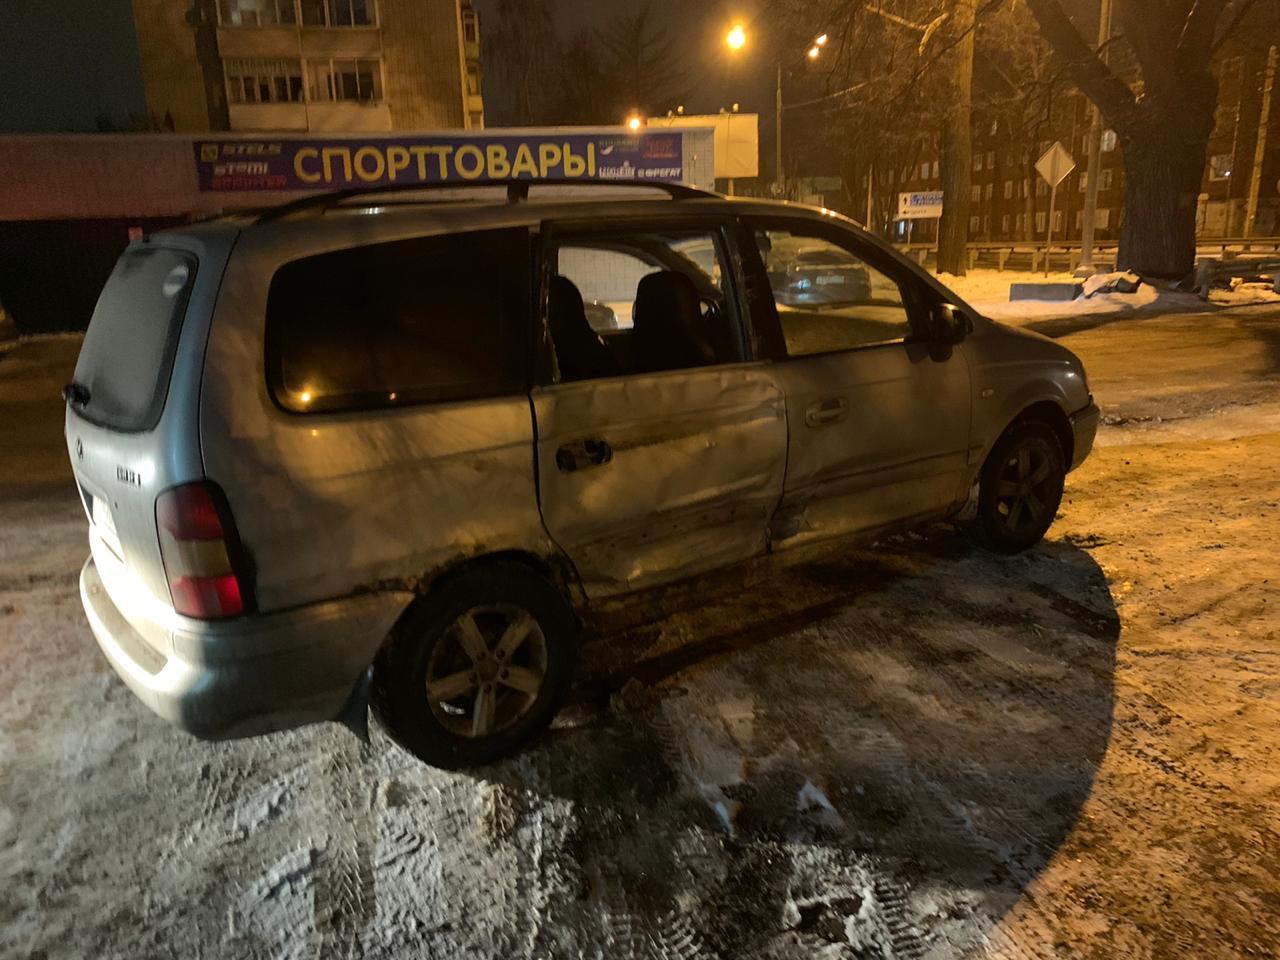 В Кимрах в Тверской области автолюбитель сбил пешехода